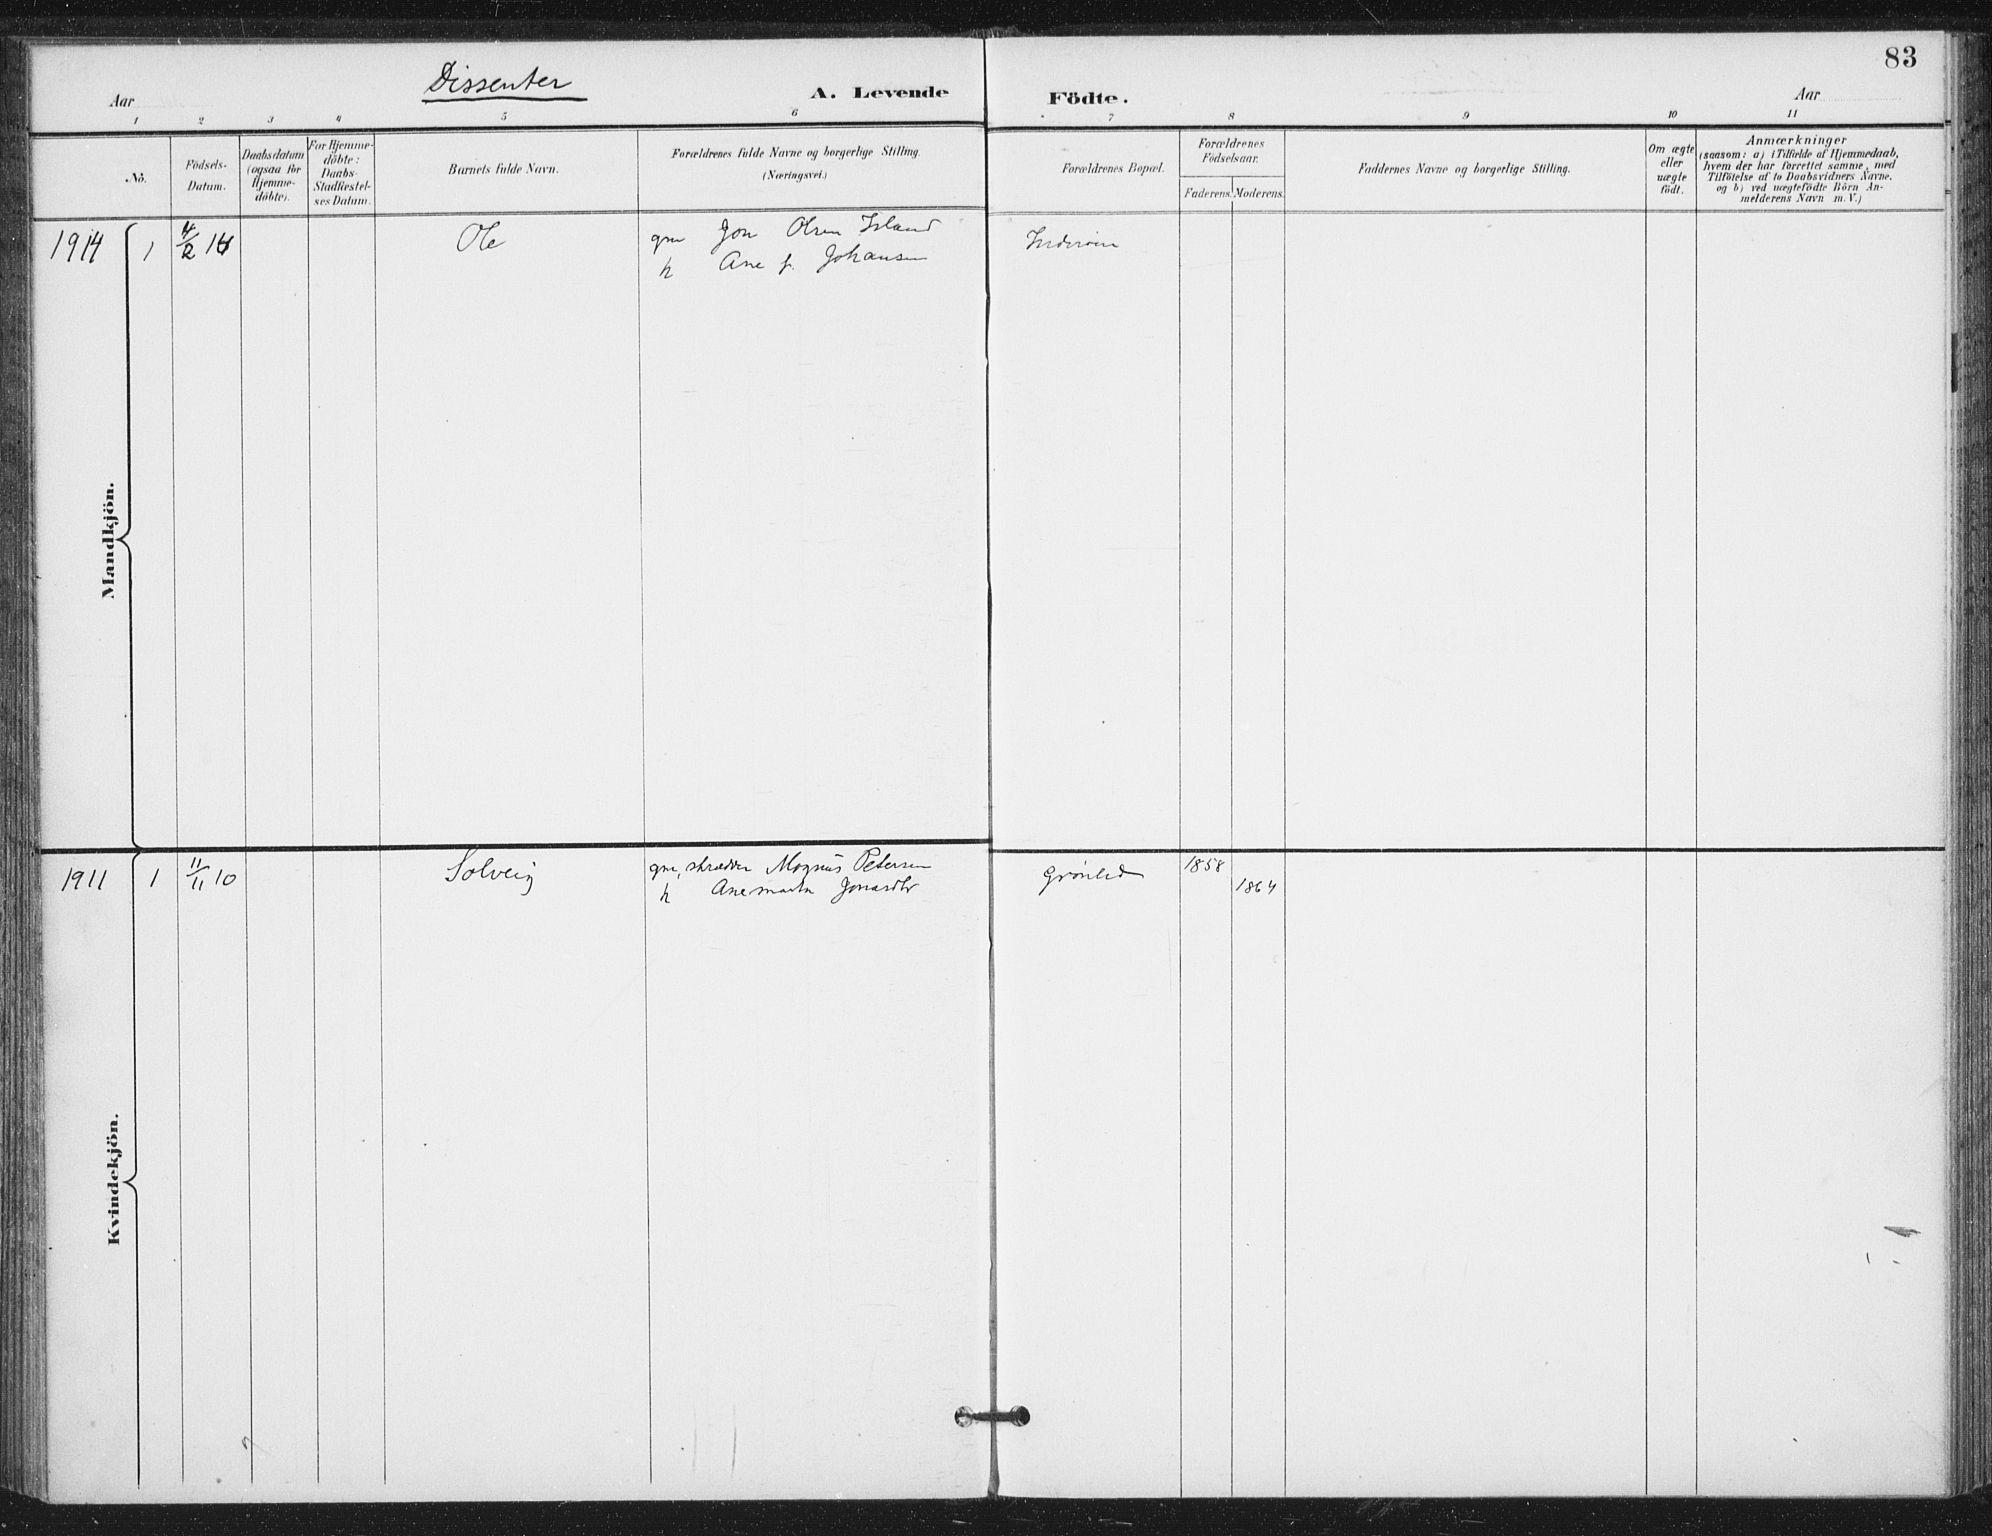 SAT, Ministerialprotokoller, klokkerbøker og fødselsregistre - Nord-Trøndelag, 714/L0131: Ministerialbok nr. 714A02, 1896-1918, s. 83